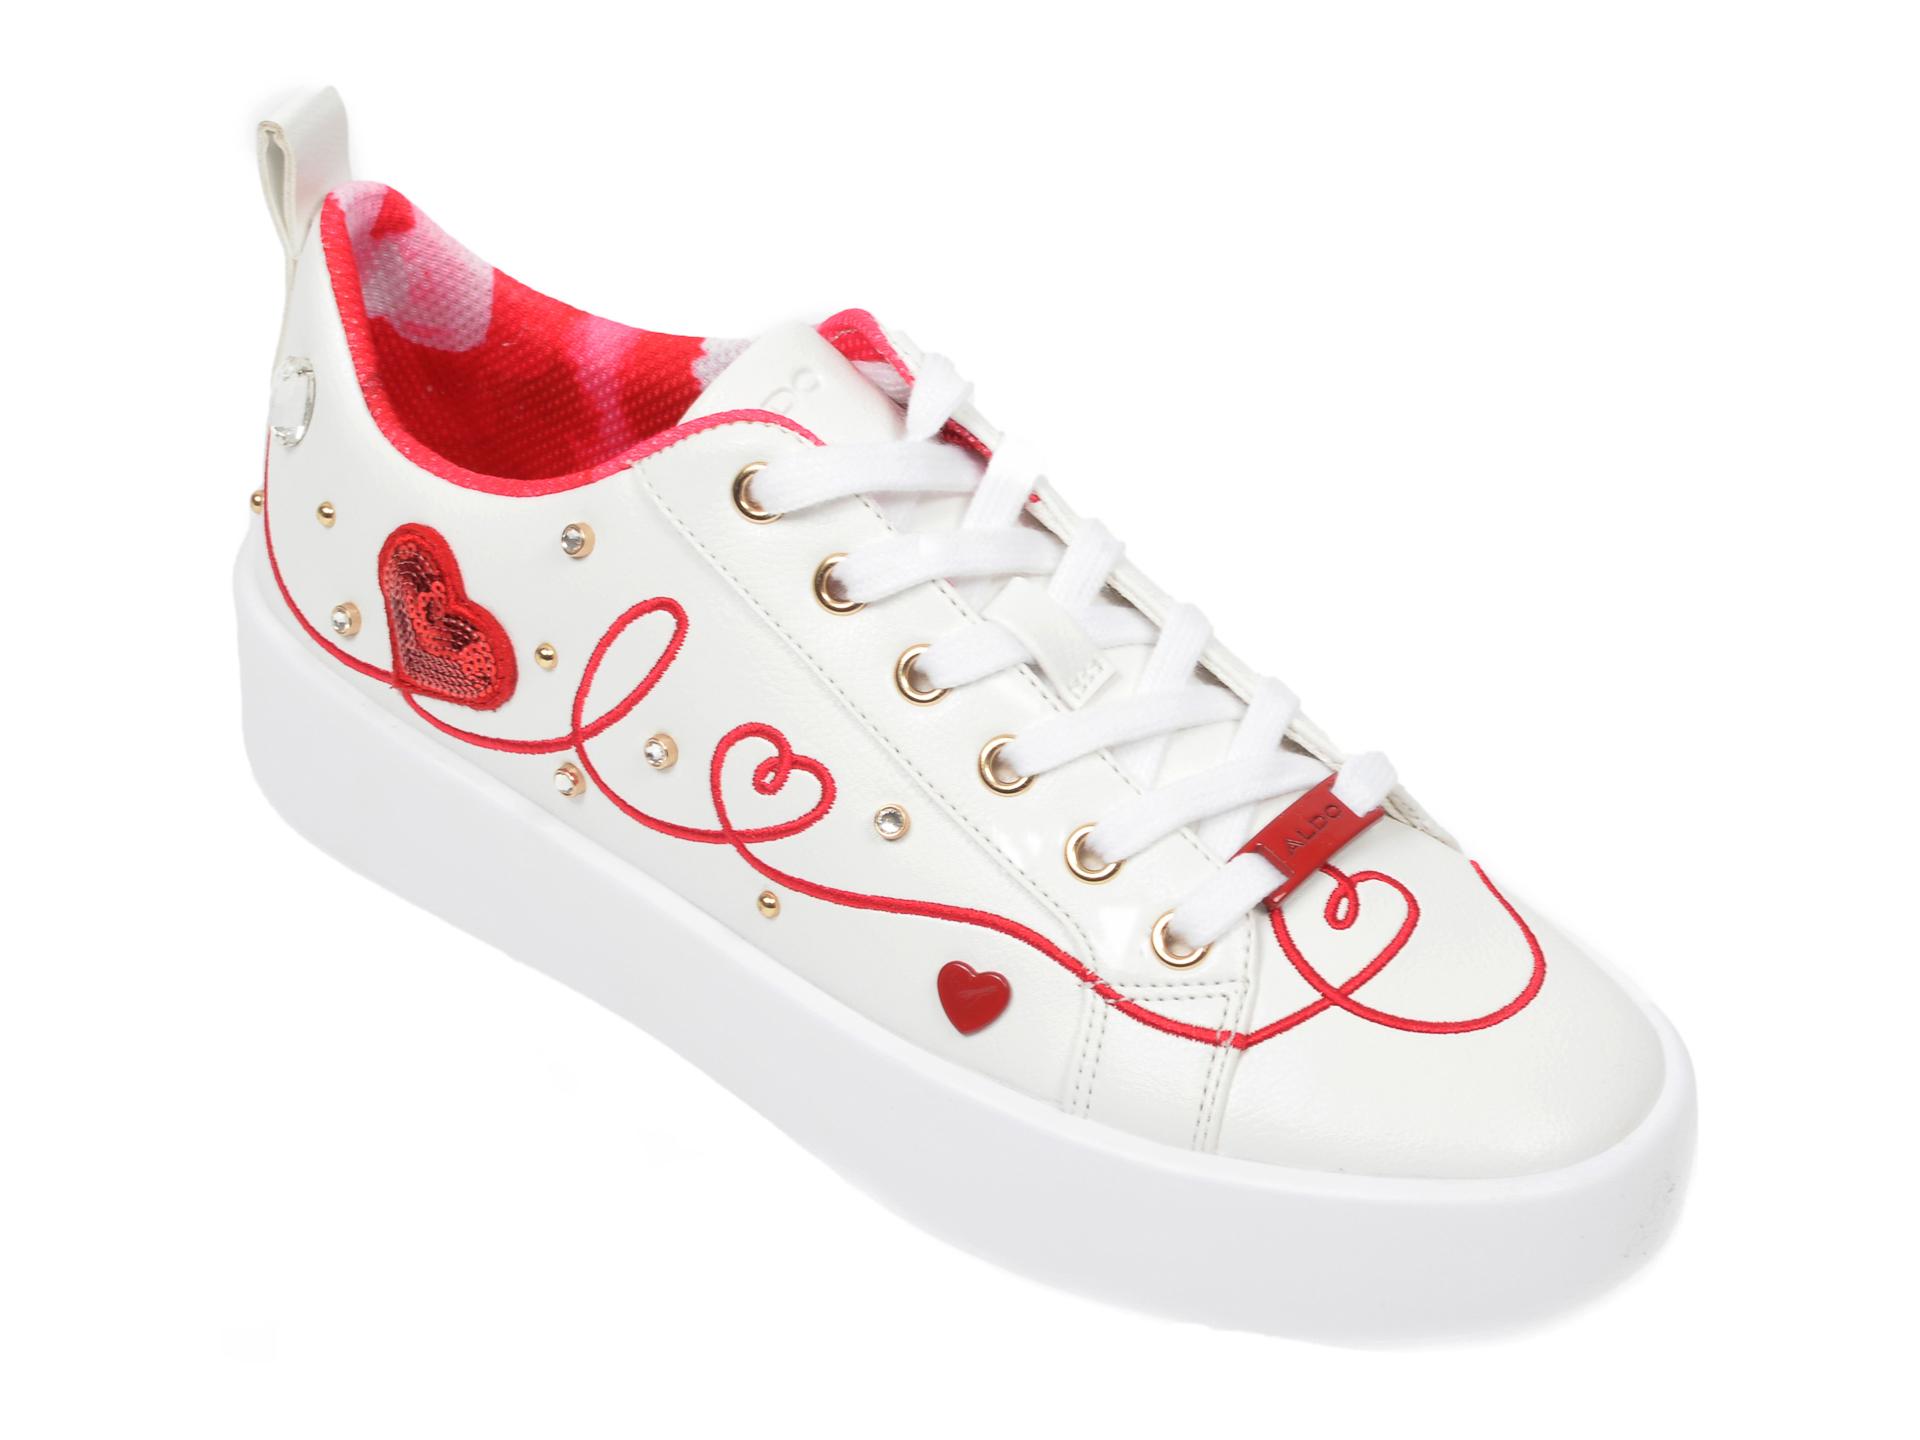 Pantofi sport ALDO albi, Adore100, din piele ecologica imagine